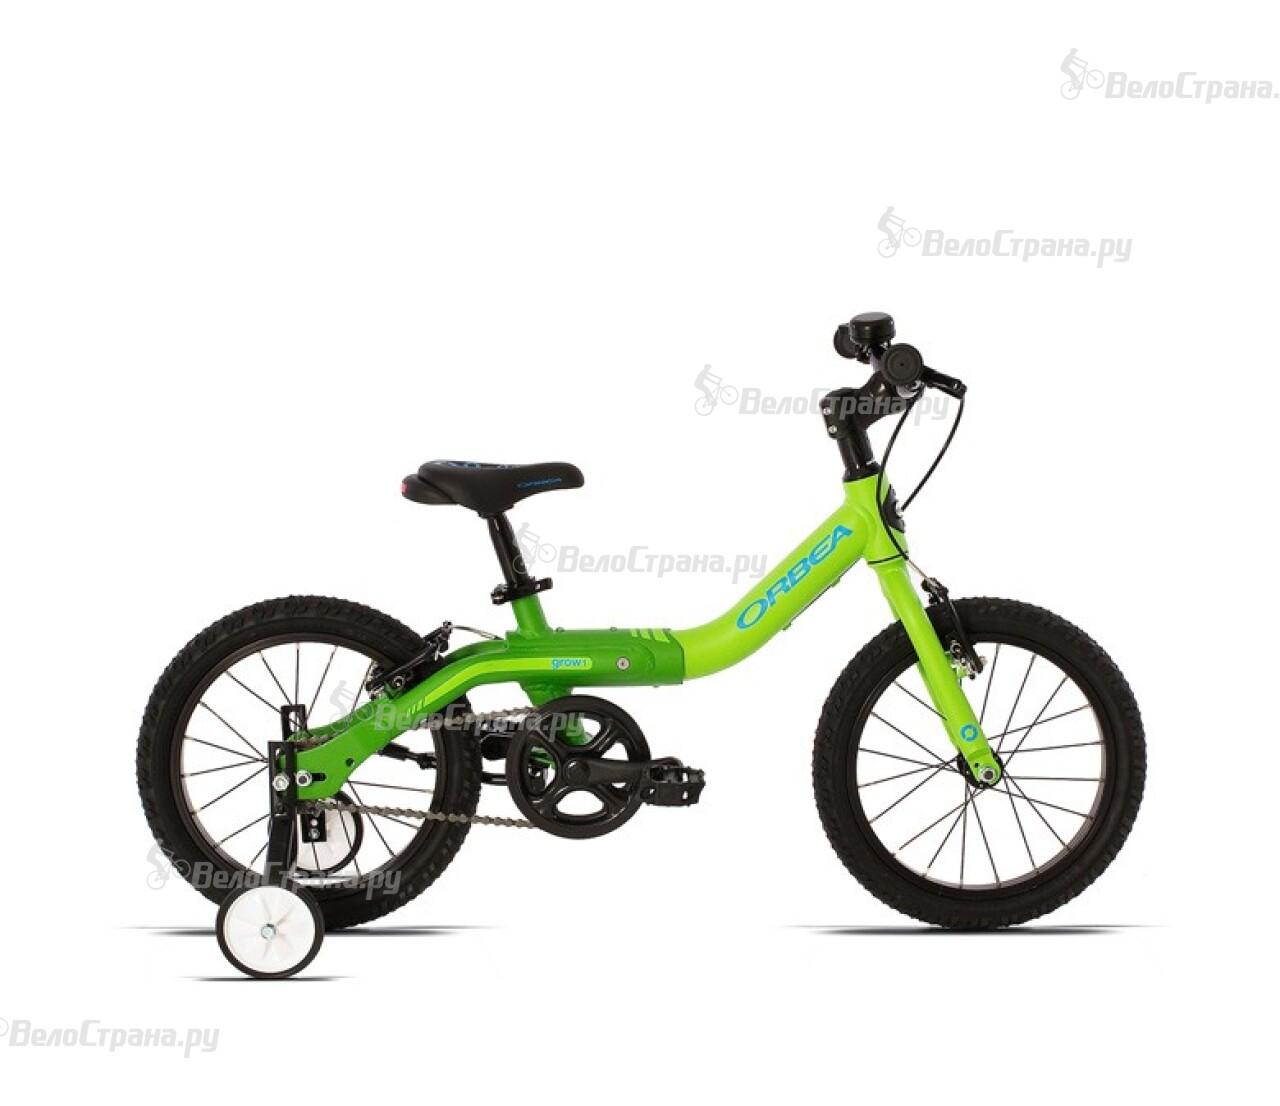 Велосипед Orbea Grow 1 (2013)